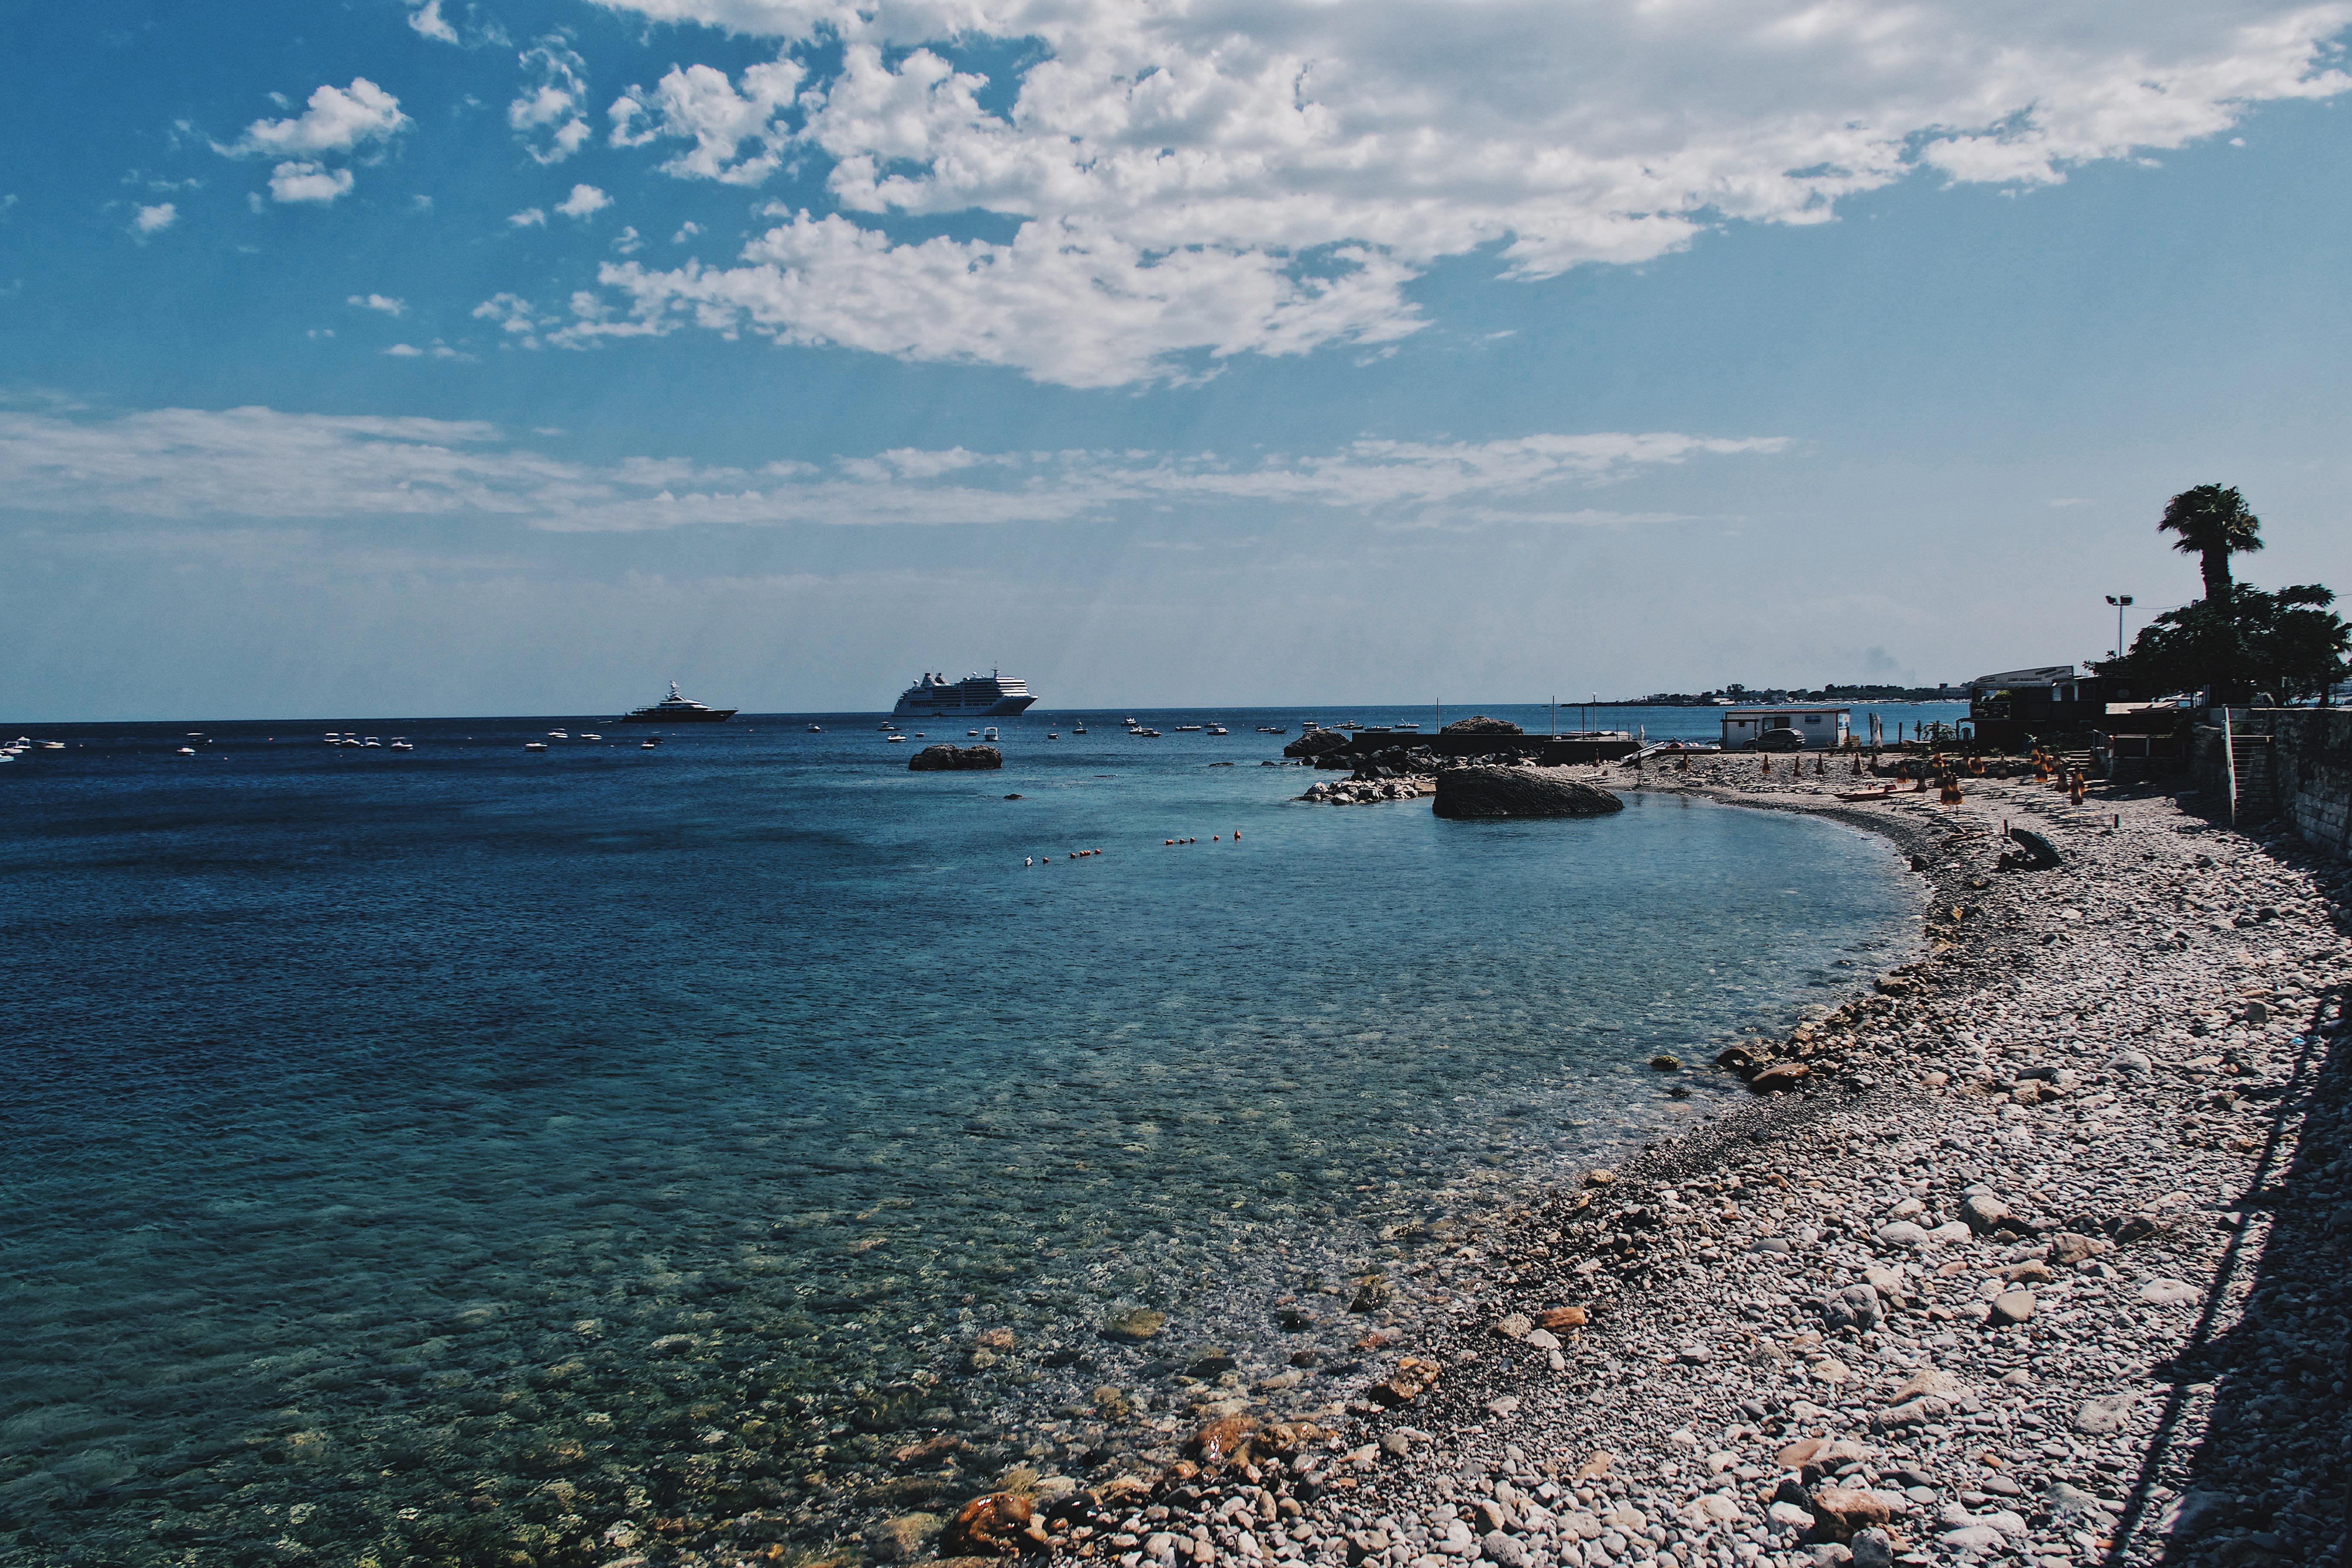 Giardini Naxos